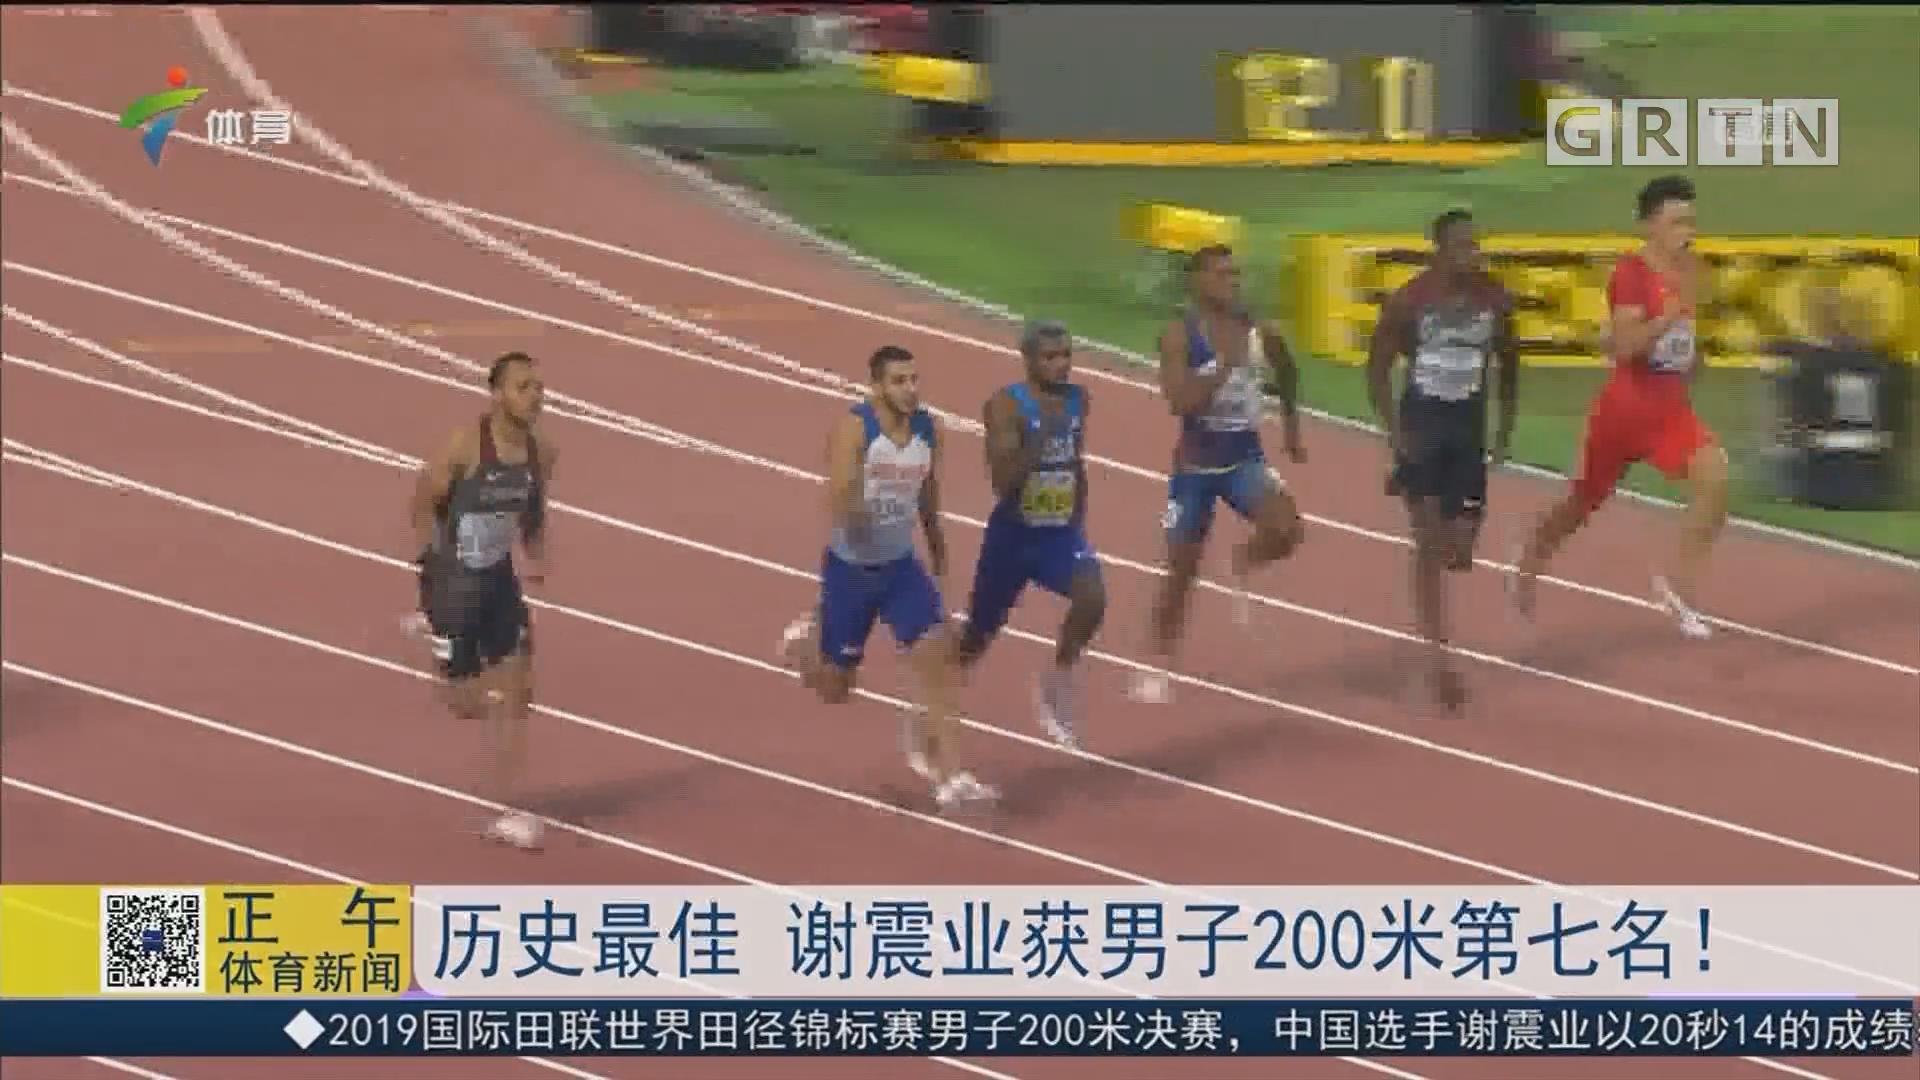 历史最佳!谢震业获男子200米第七名!